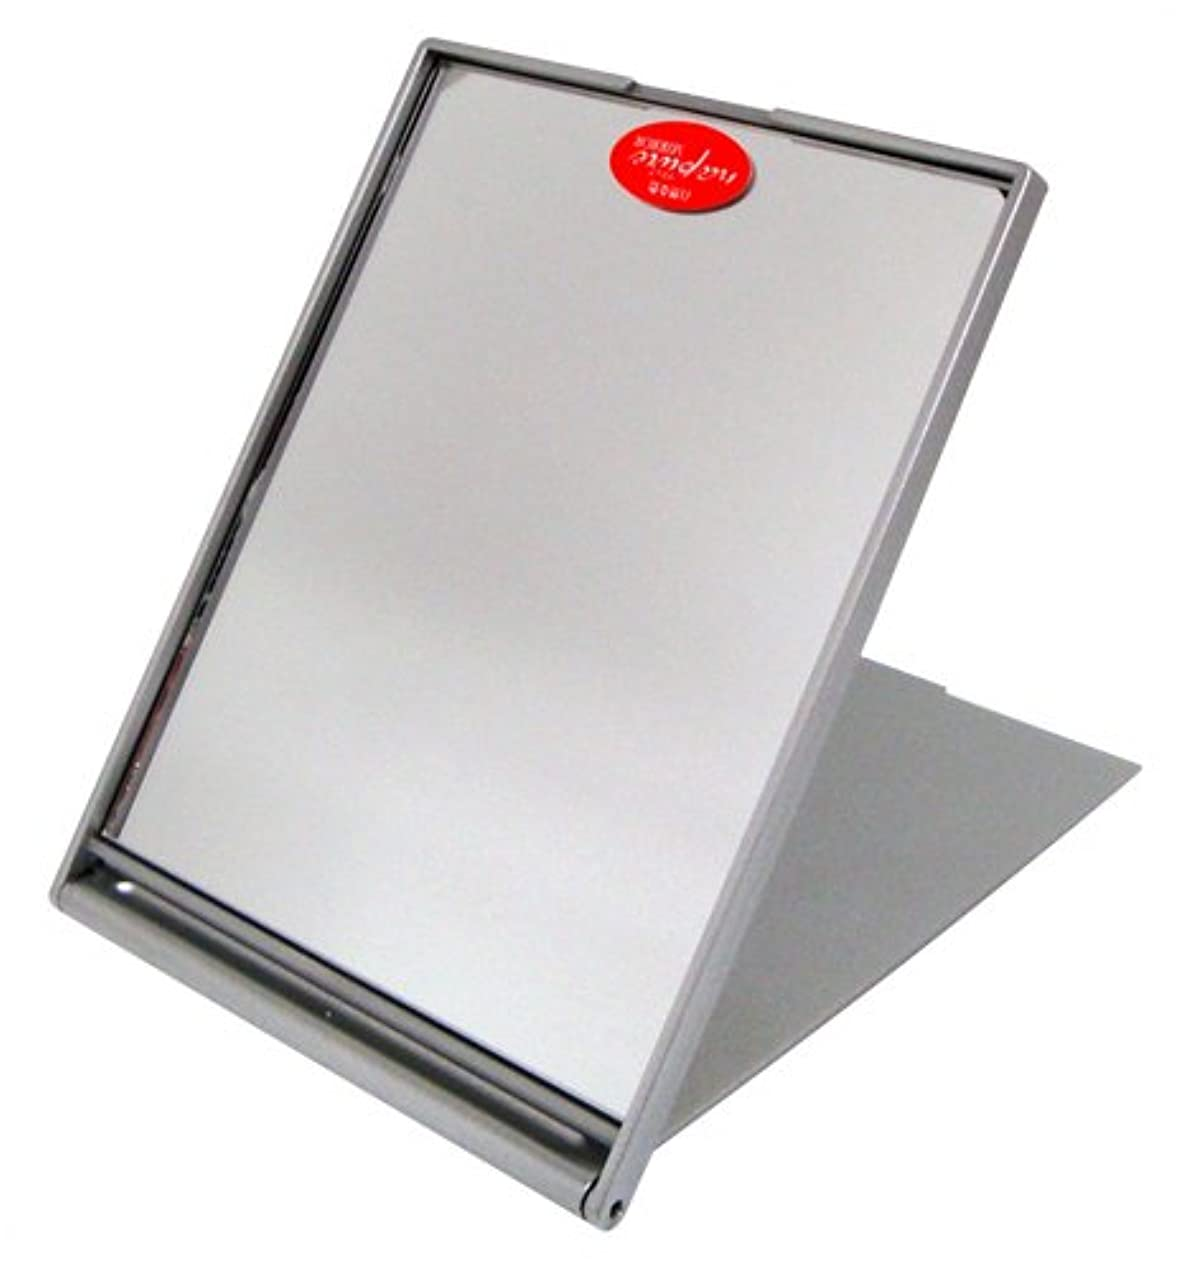 安いです夕食を食べるスクレーパーナピュア コンパクトミラー(L) NA-002